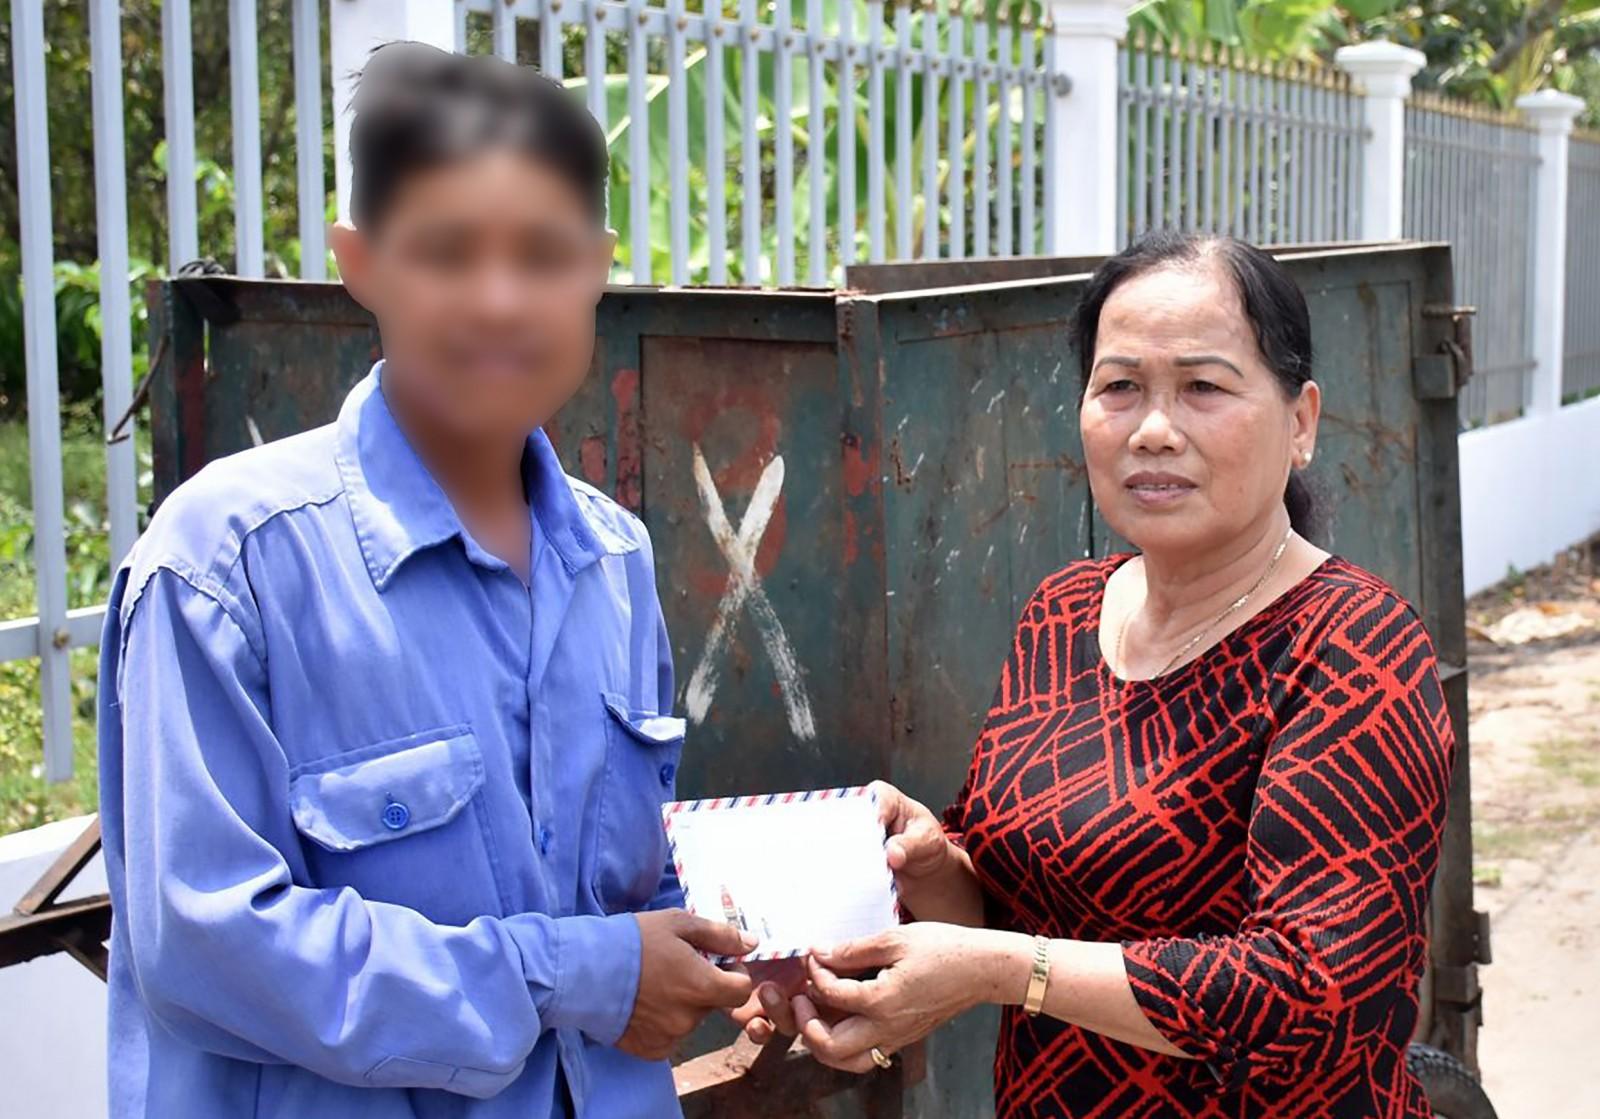 Bà Phan Thị Tuyết Mai, Đội trưởng Đội CTXHTN phường Long Tuyền tặng quà động viên đối tượng lầm lỡ trên địa bàn phường. Ảnh: XUÂN ĐÀO